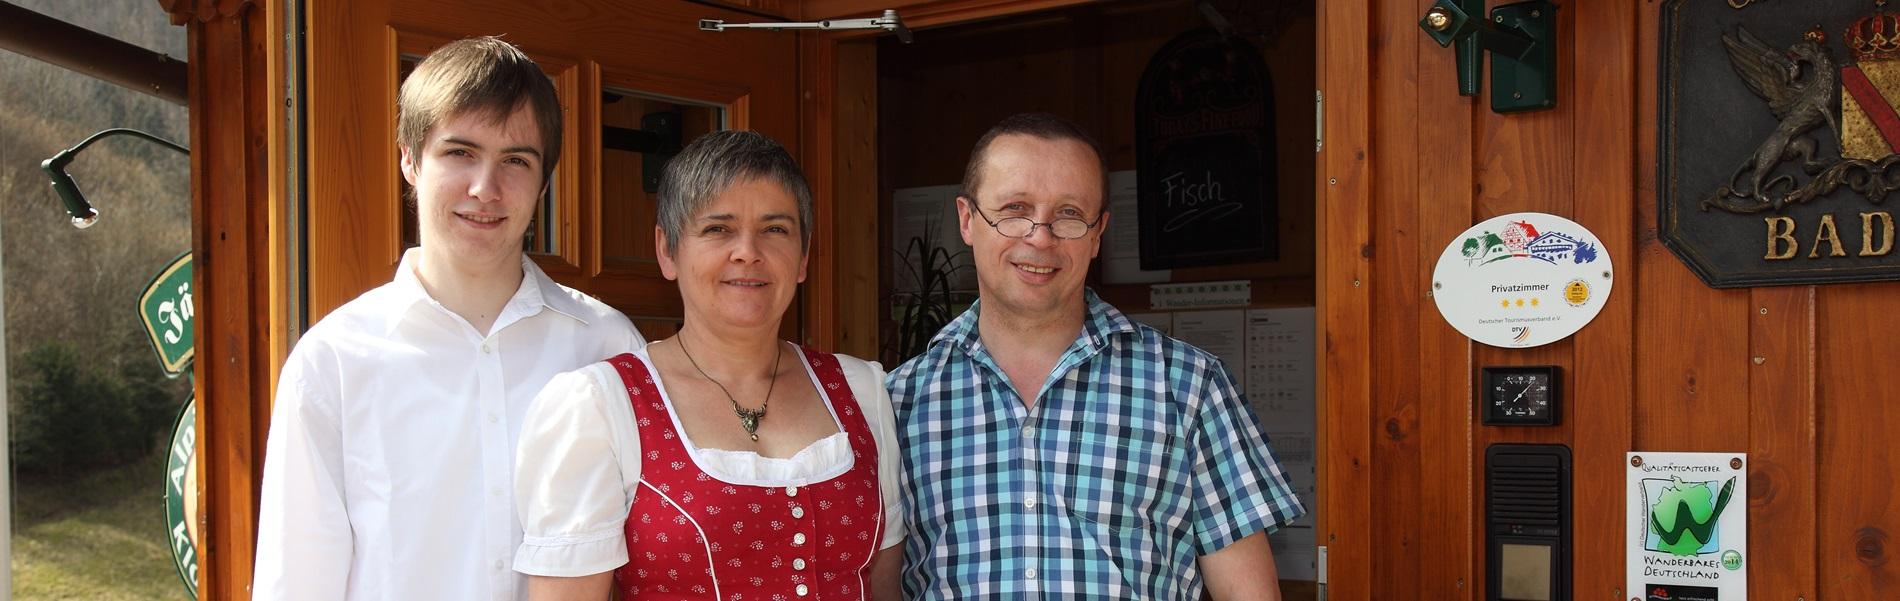 Gastgeber Familie Gasthaus Jägerstüble